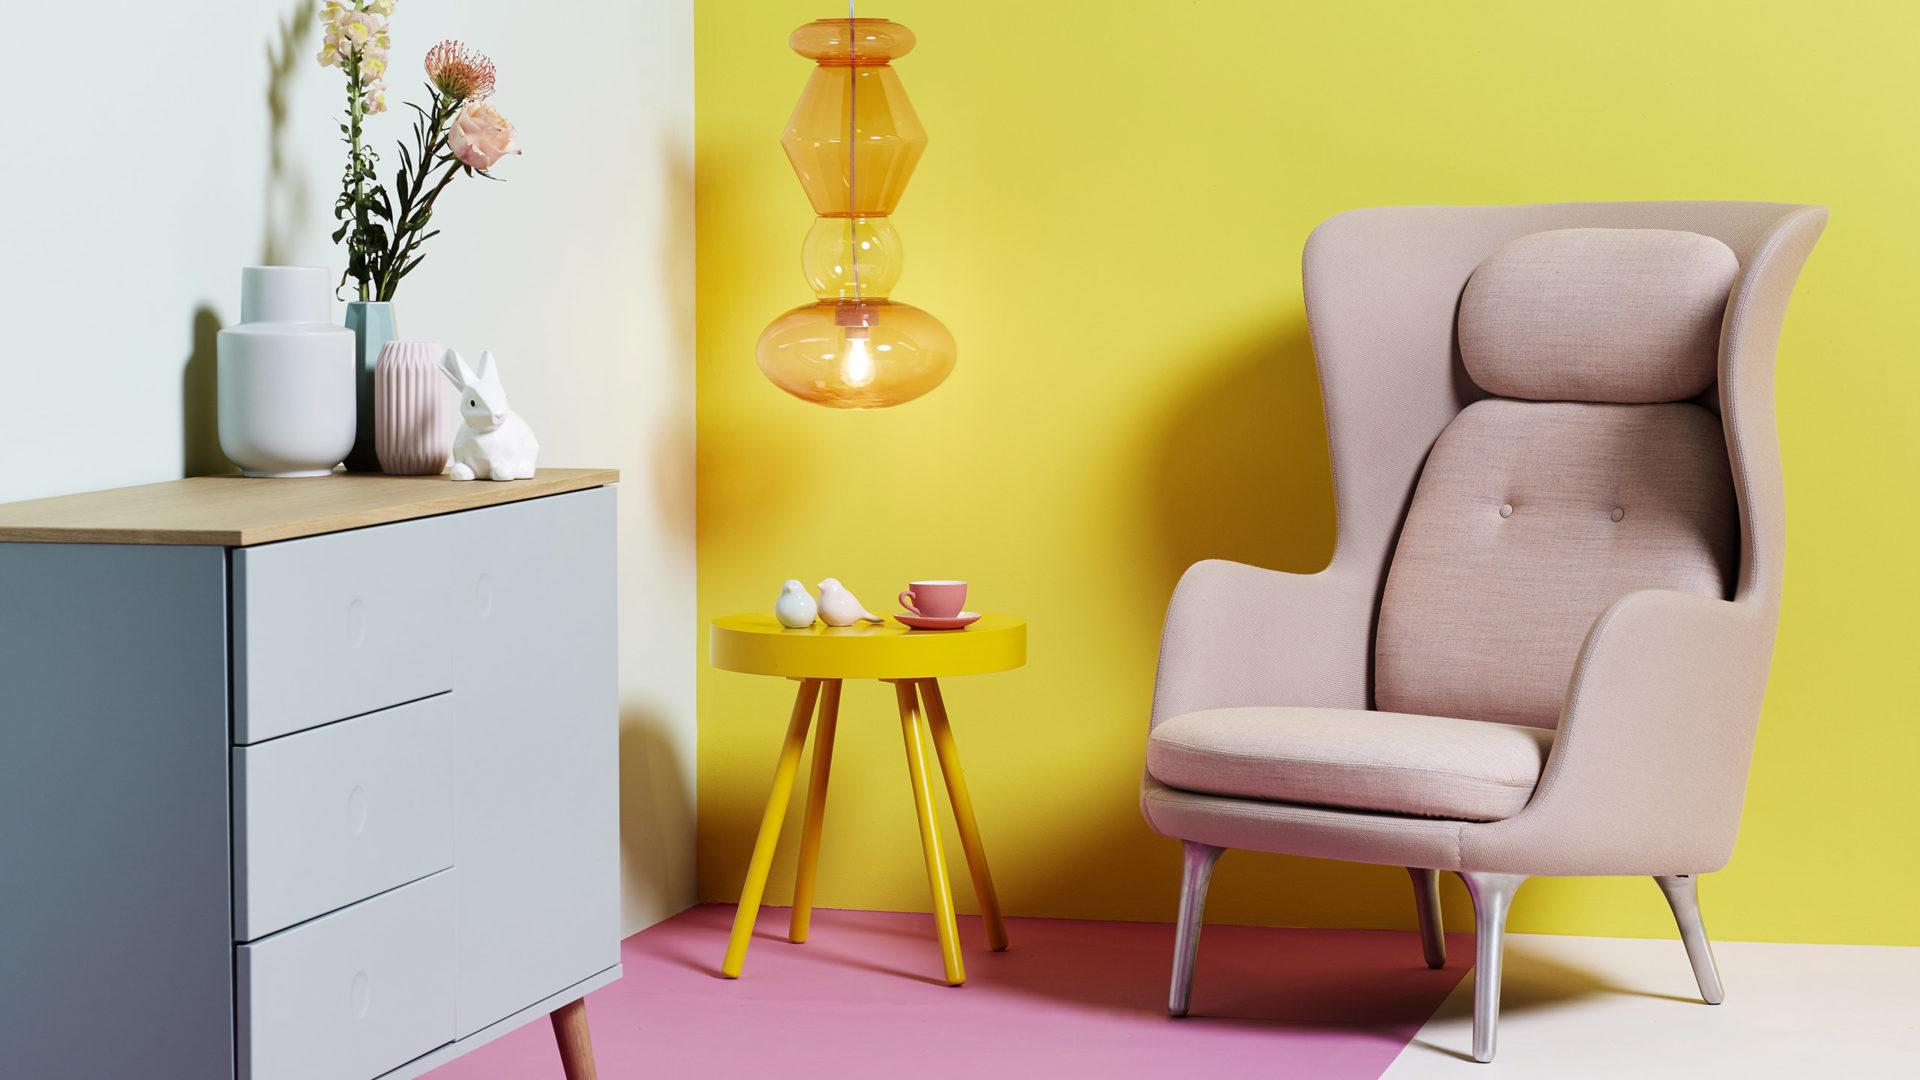 Fatboy Wohnzimmer mit Candyofnie Pendelleuchte und Beistelltisch in gelb